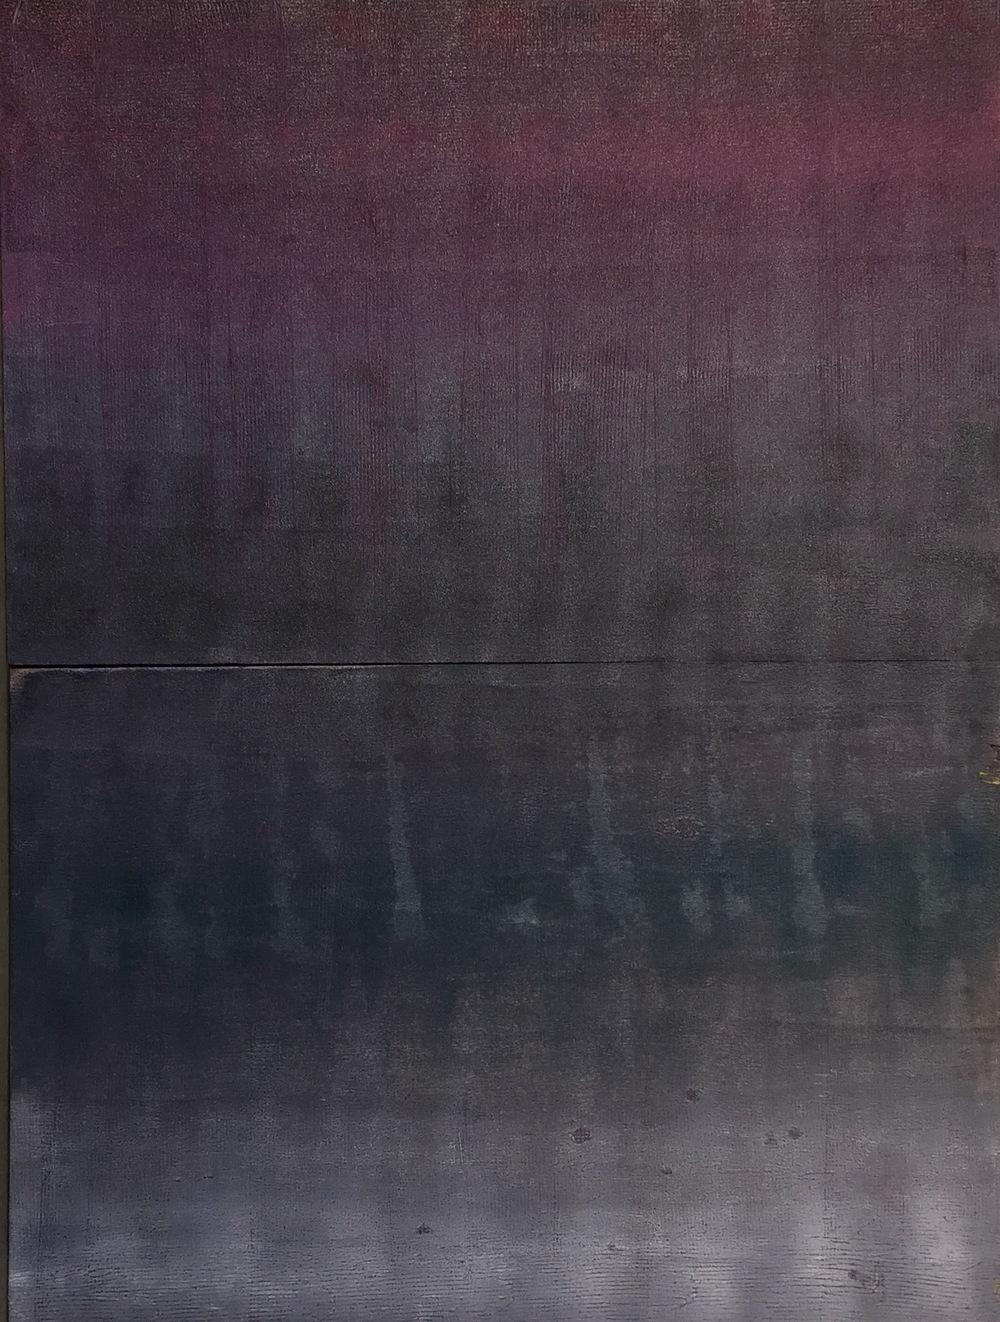 Die Before You Die Oil on 2 Panels  48 x 36 $3,000